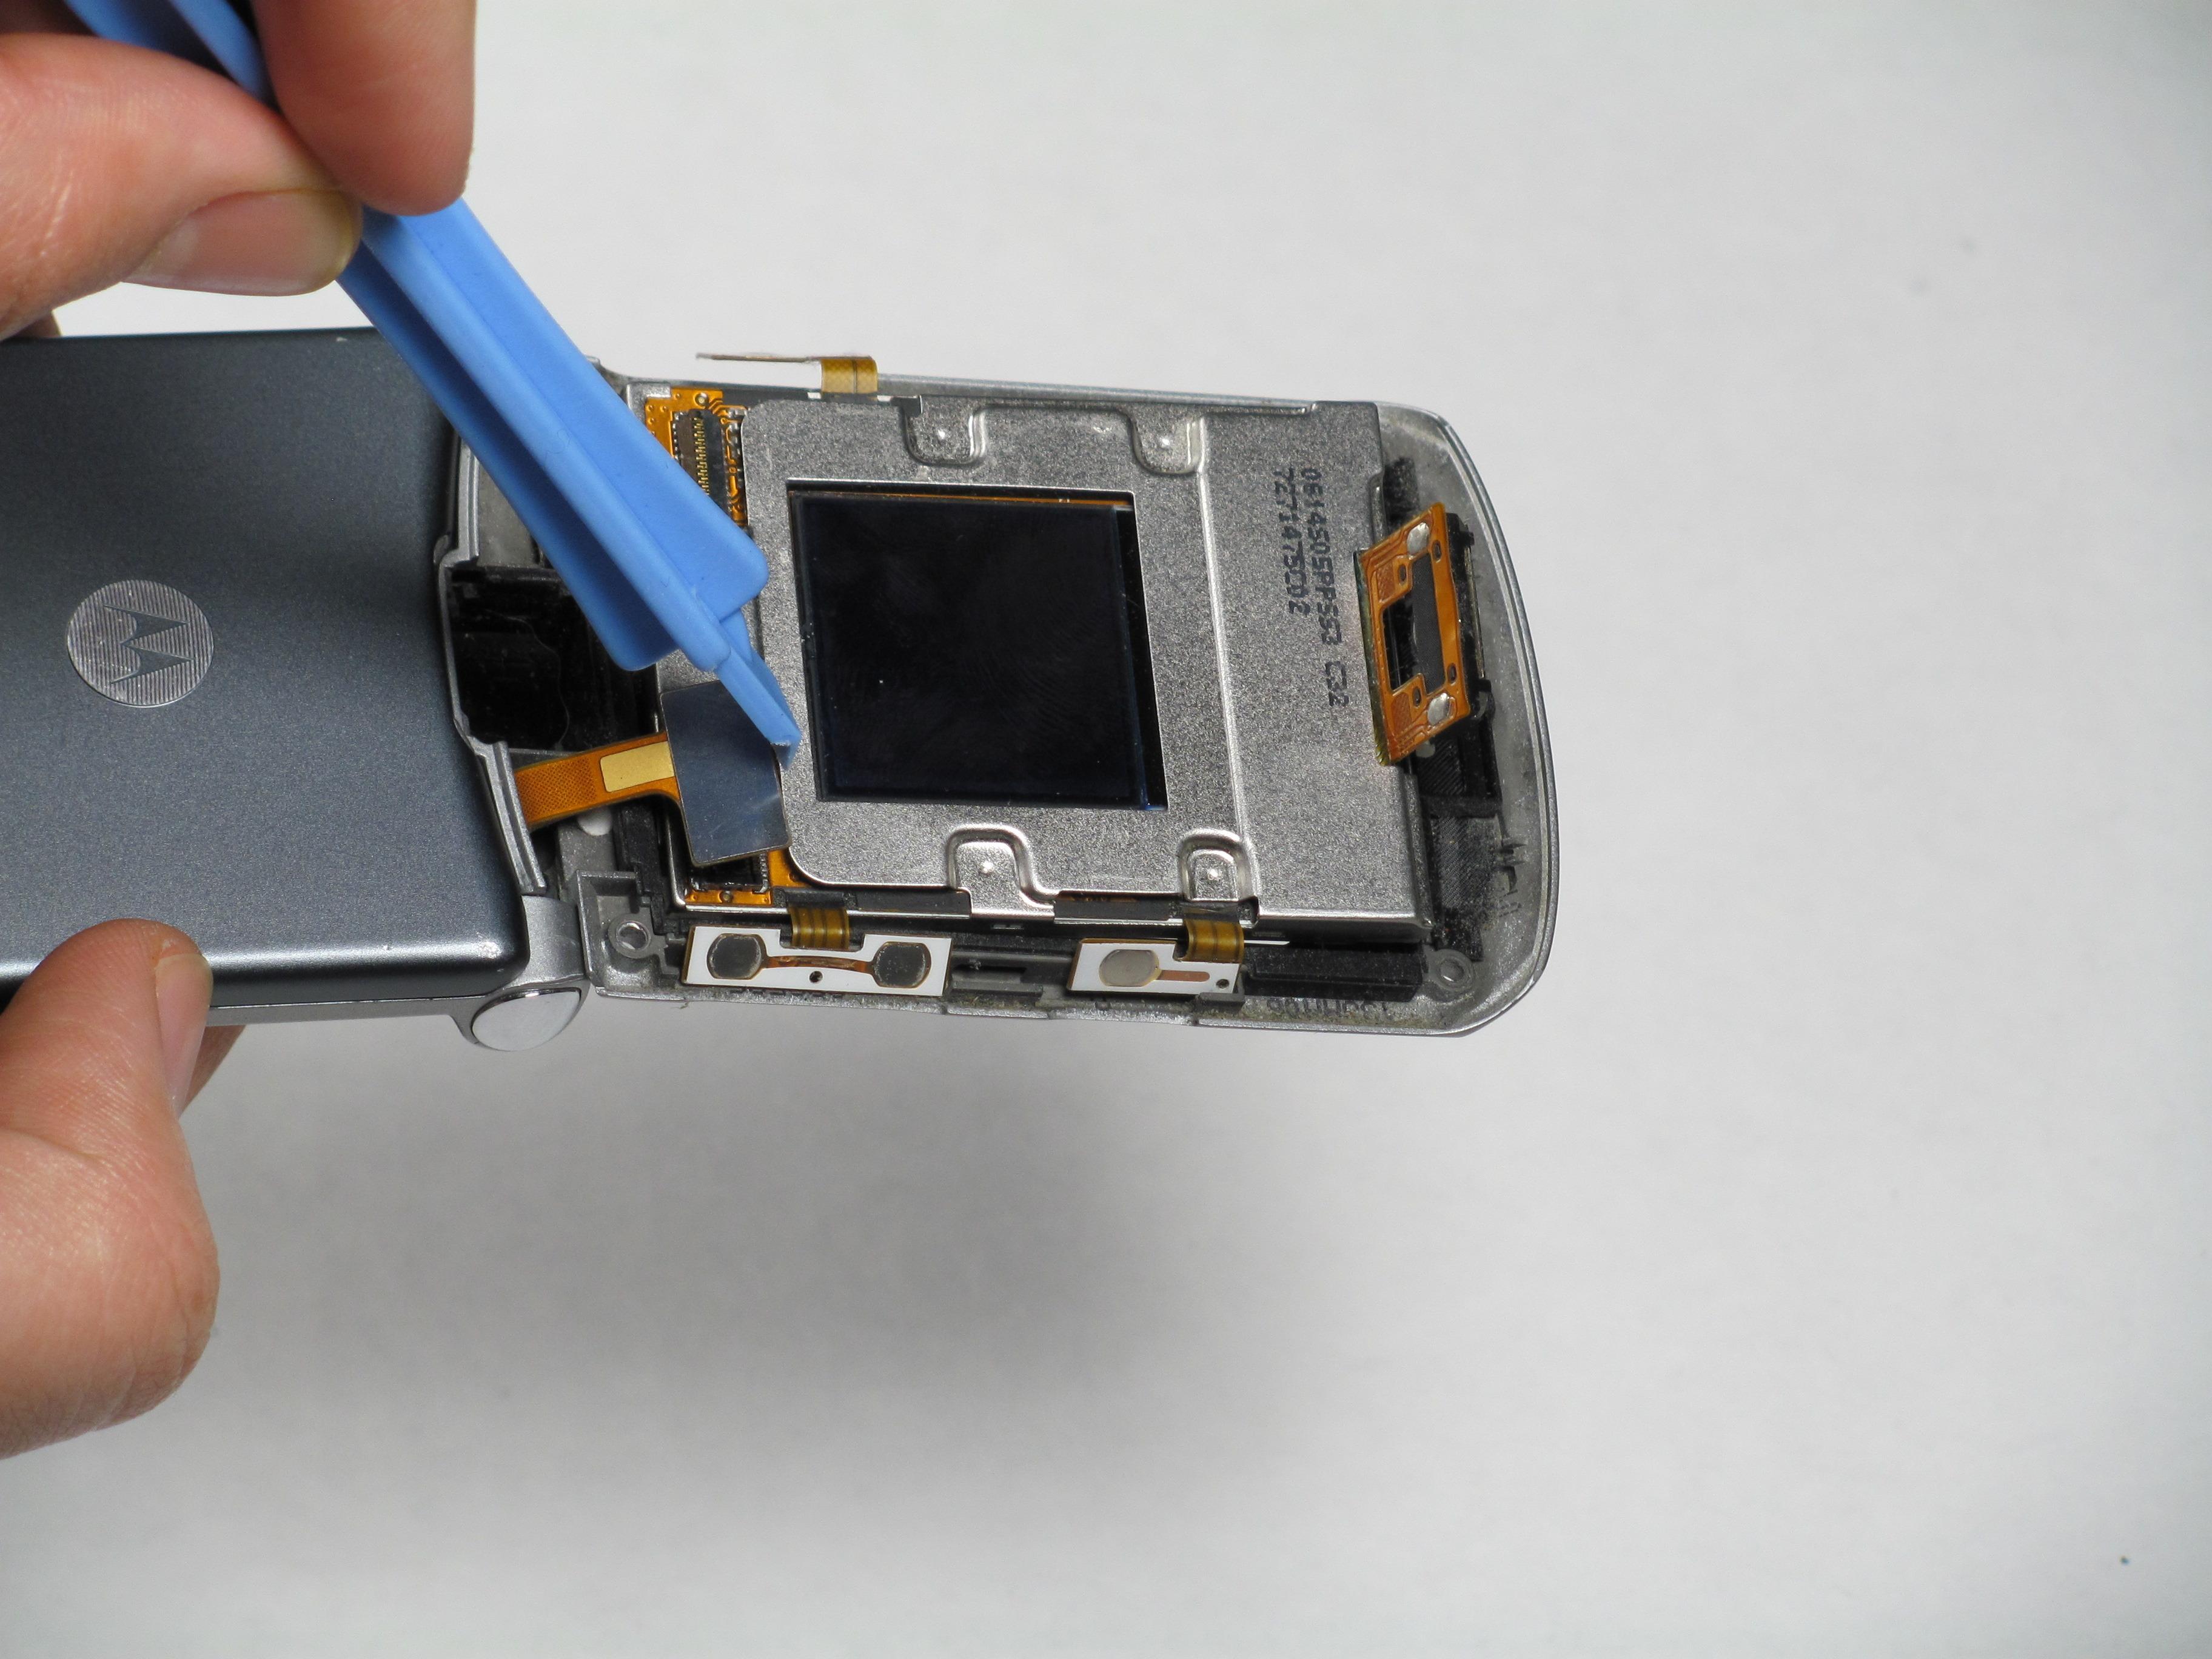 motorola razr v3c repair ifixit rh ifixit com Motorola V360 Games cf moto v3 owner's manual